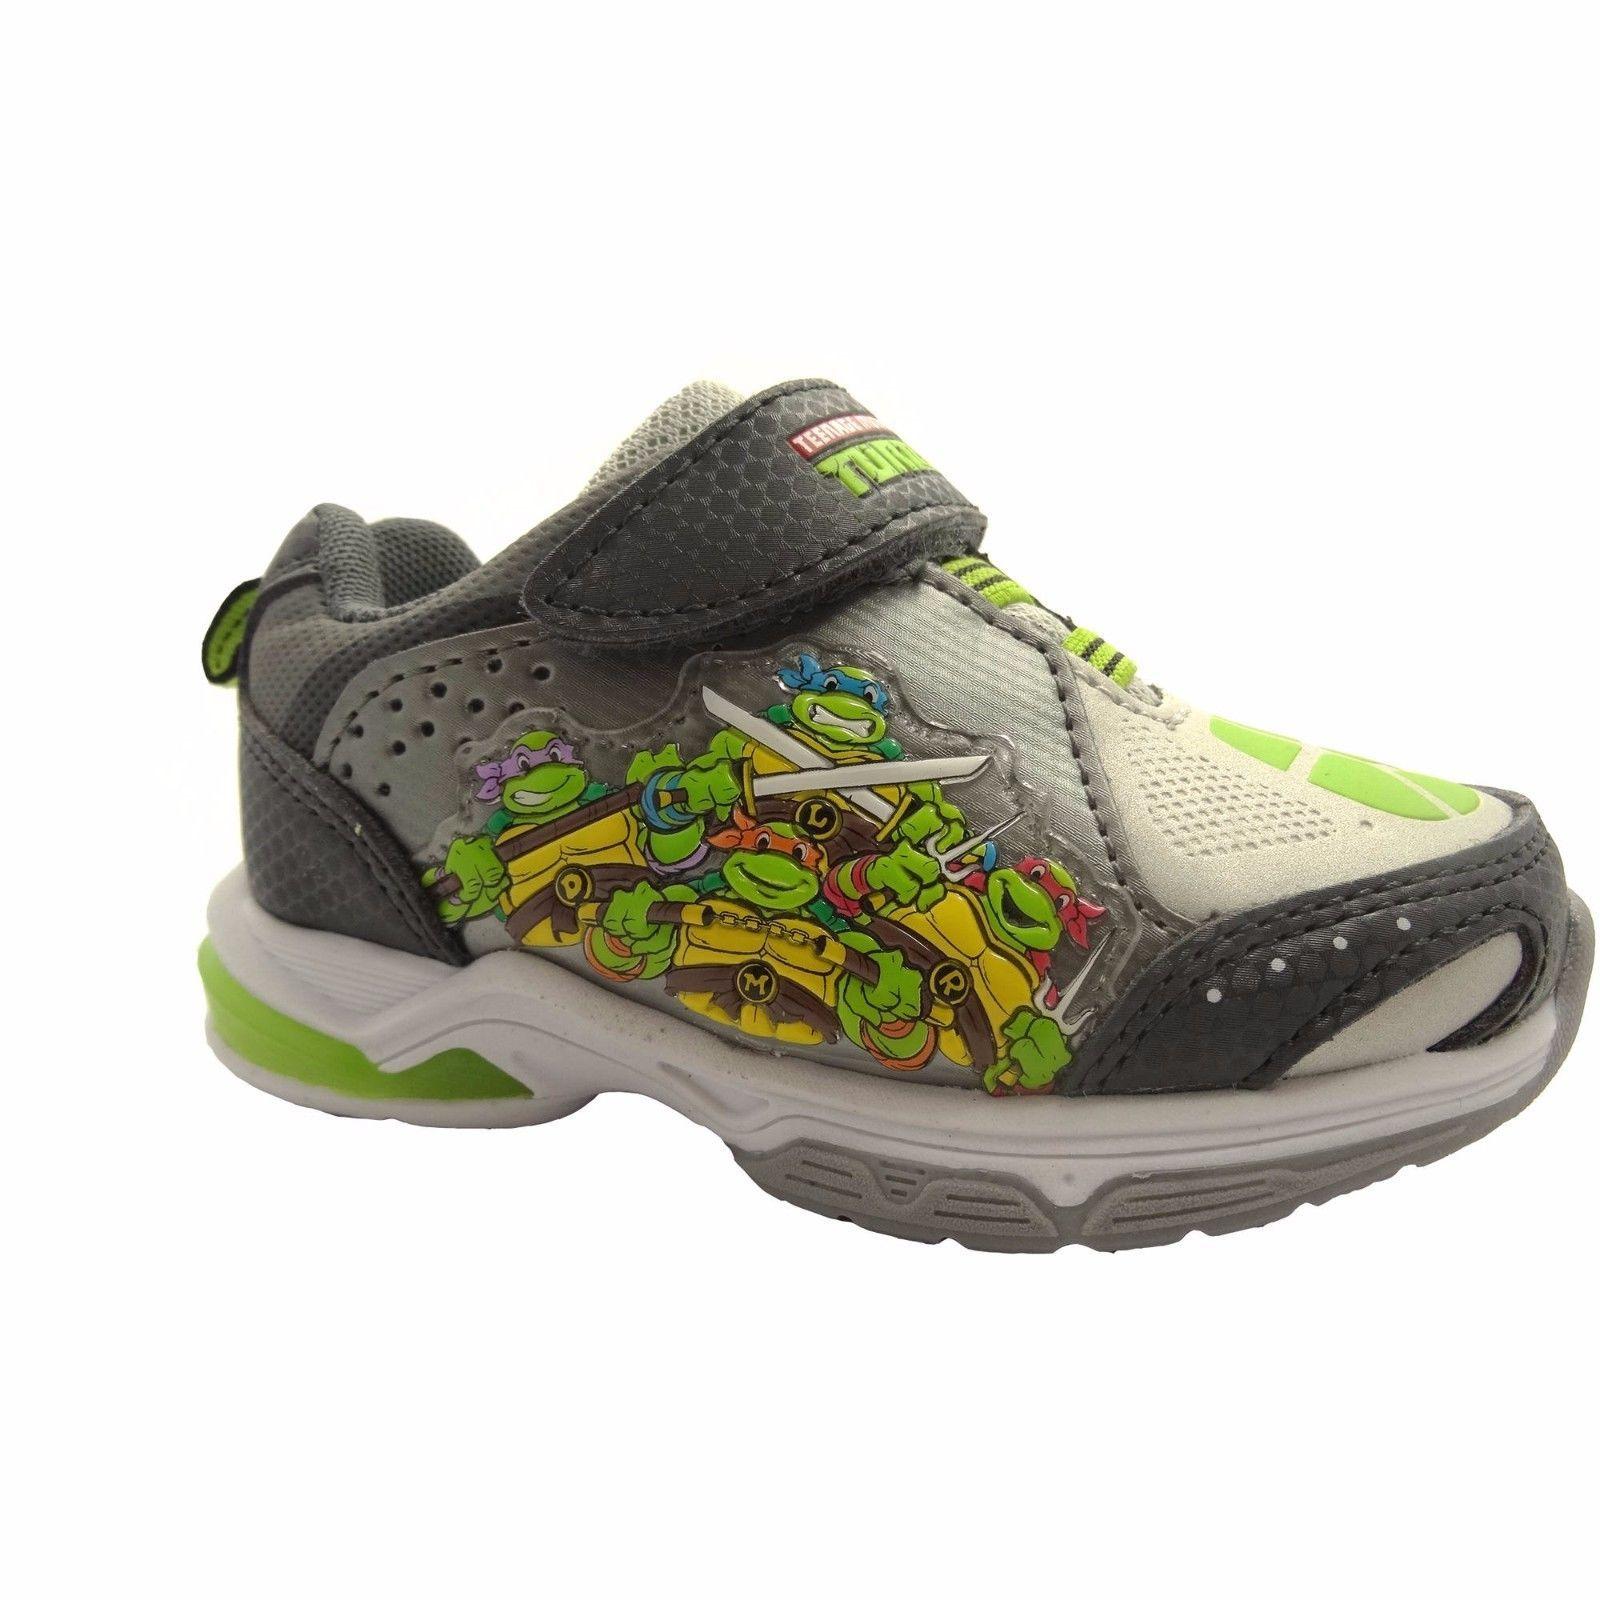 Ninja Turtle Light Shoes